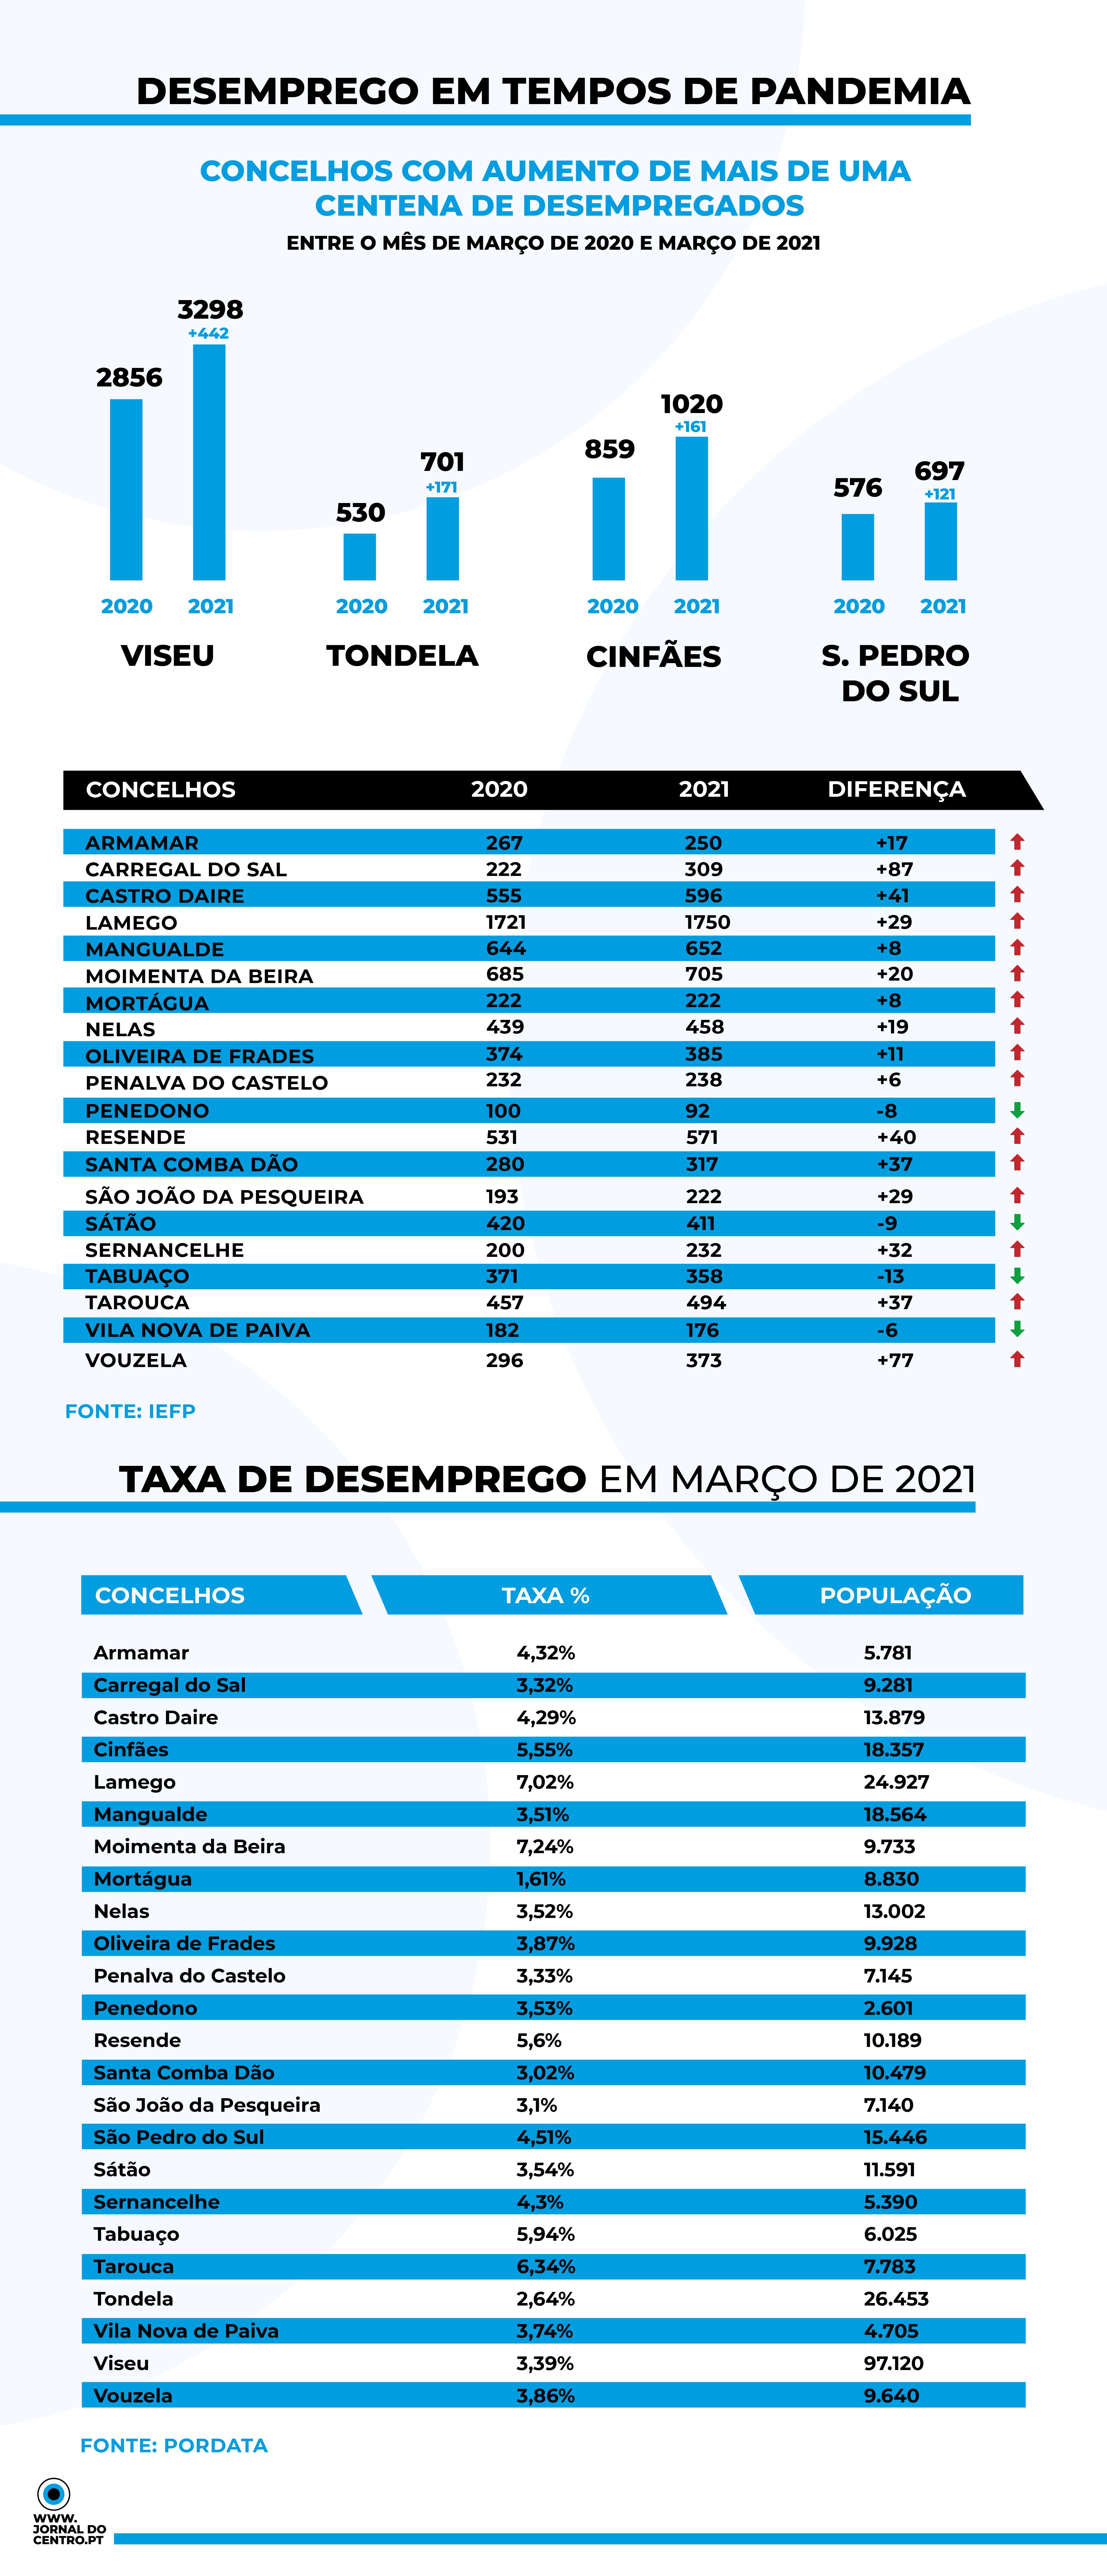 DESEMPREGO PANDEMIA INFOGRAFIA MARÇO 2020_MARÇO 2021